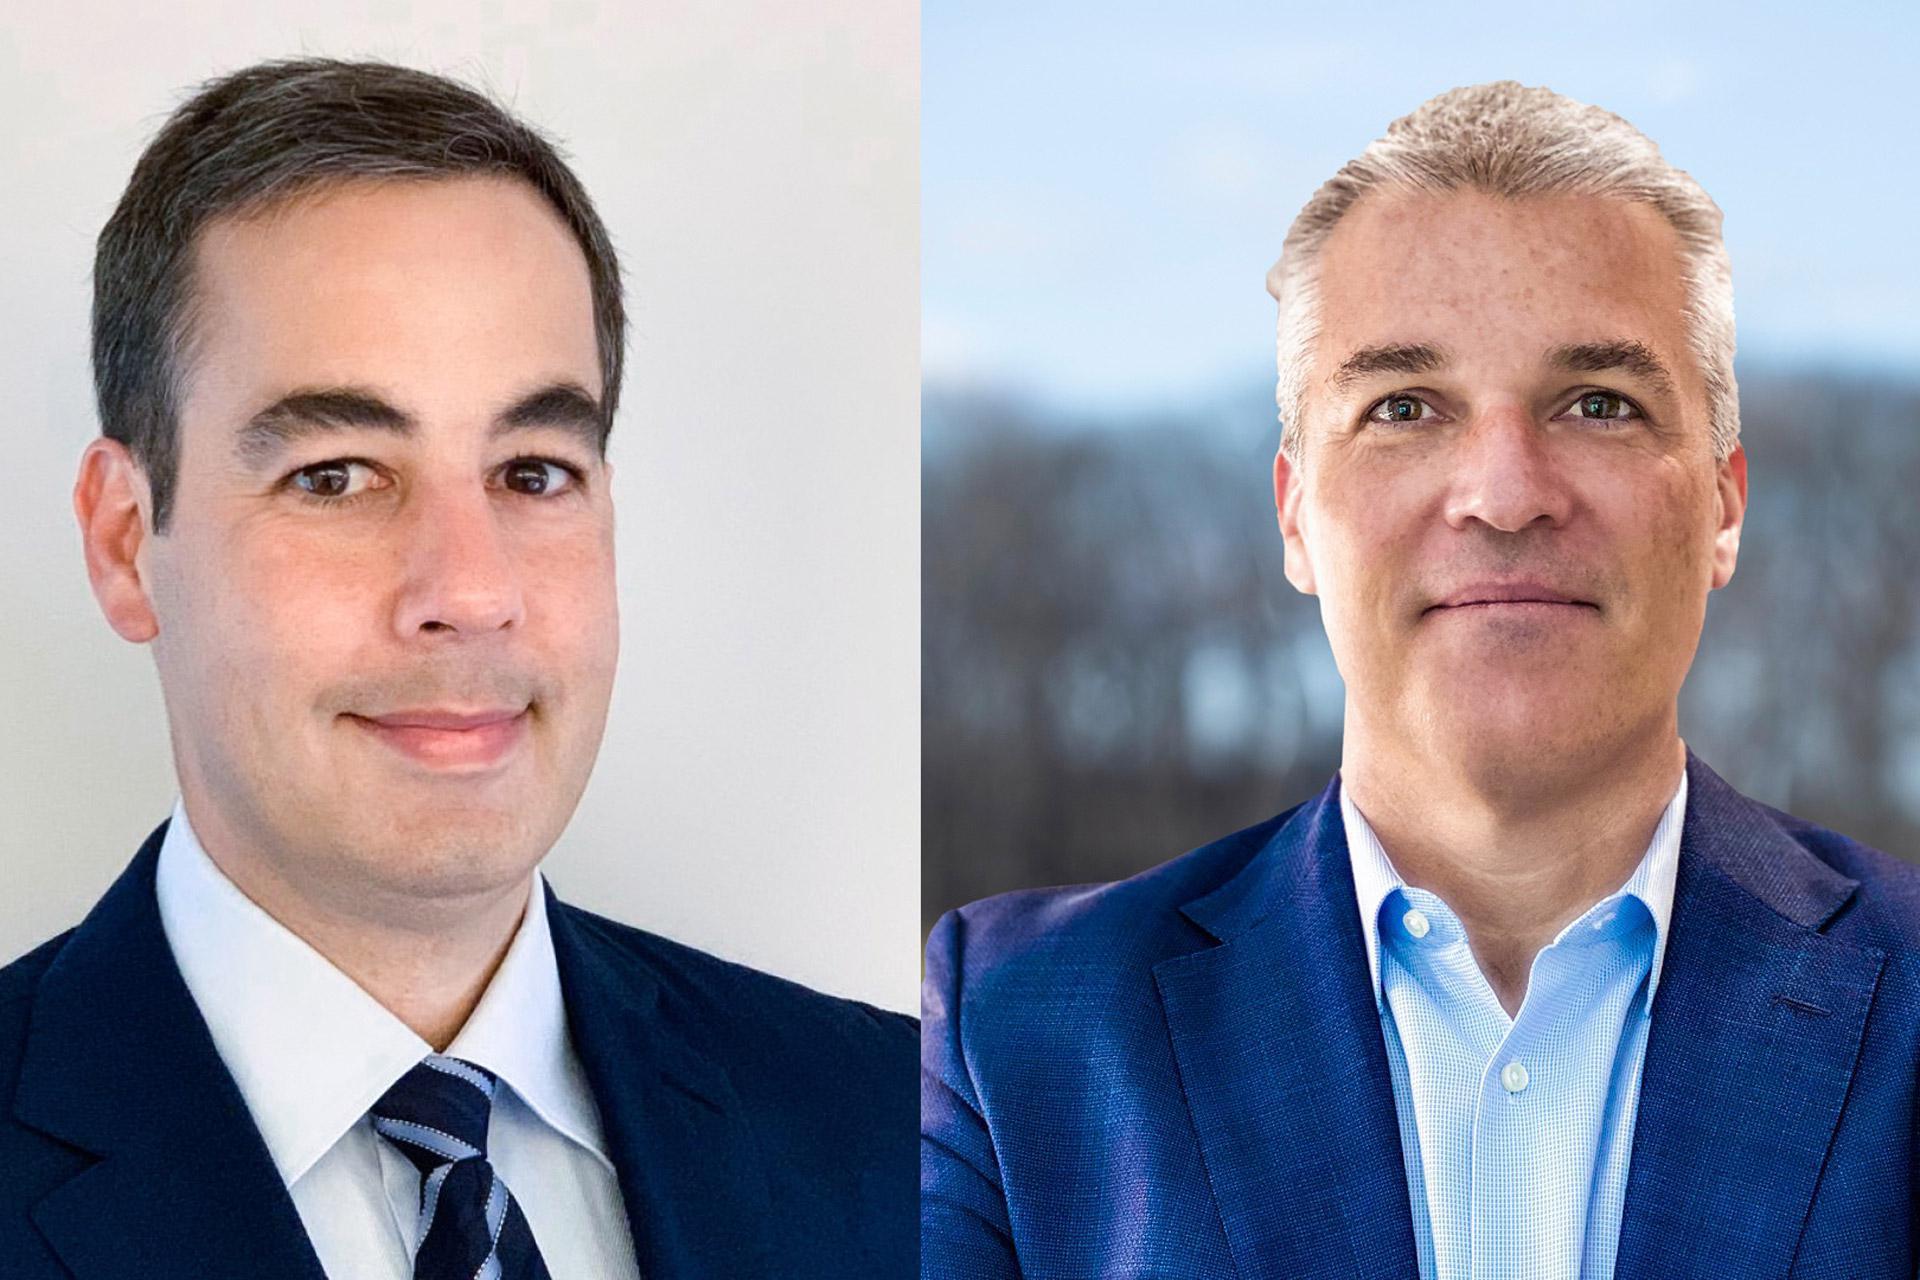 XPO Appoints Two Senior Executives